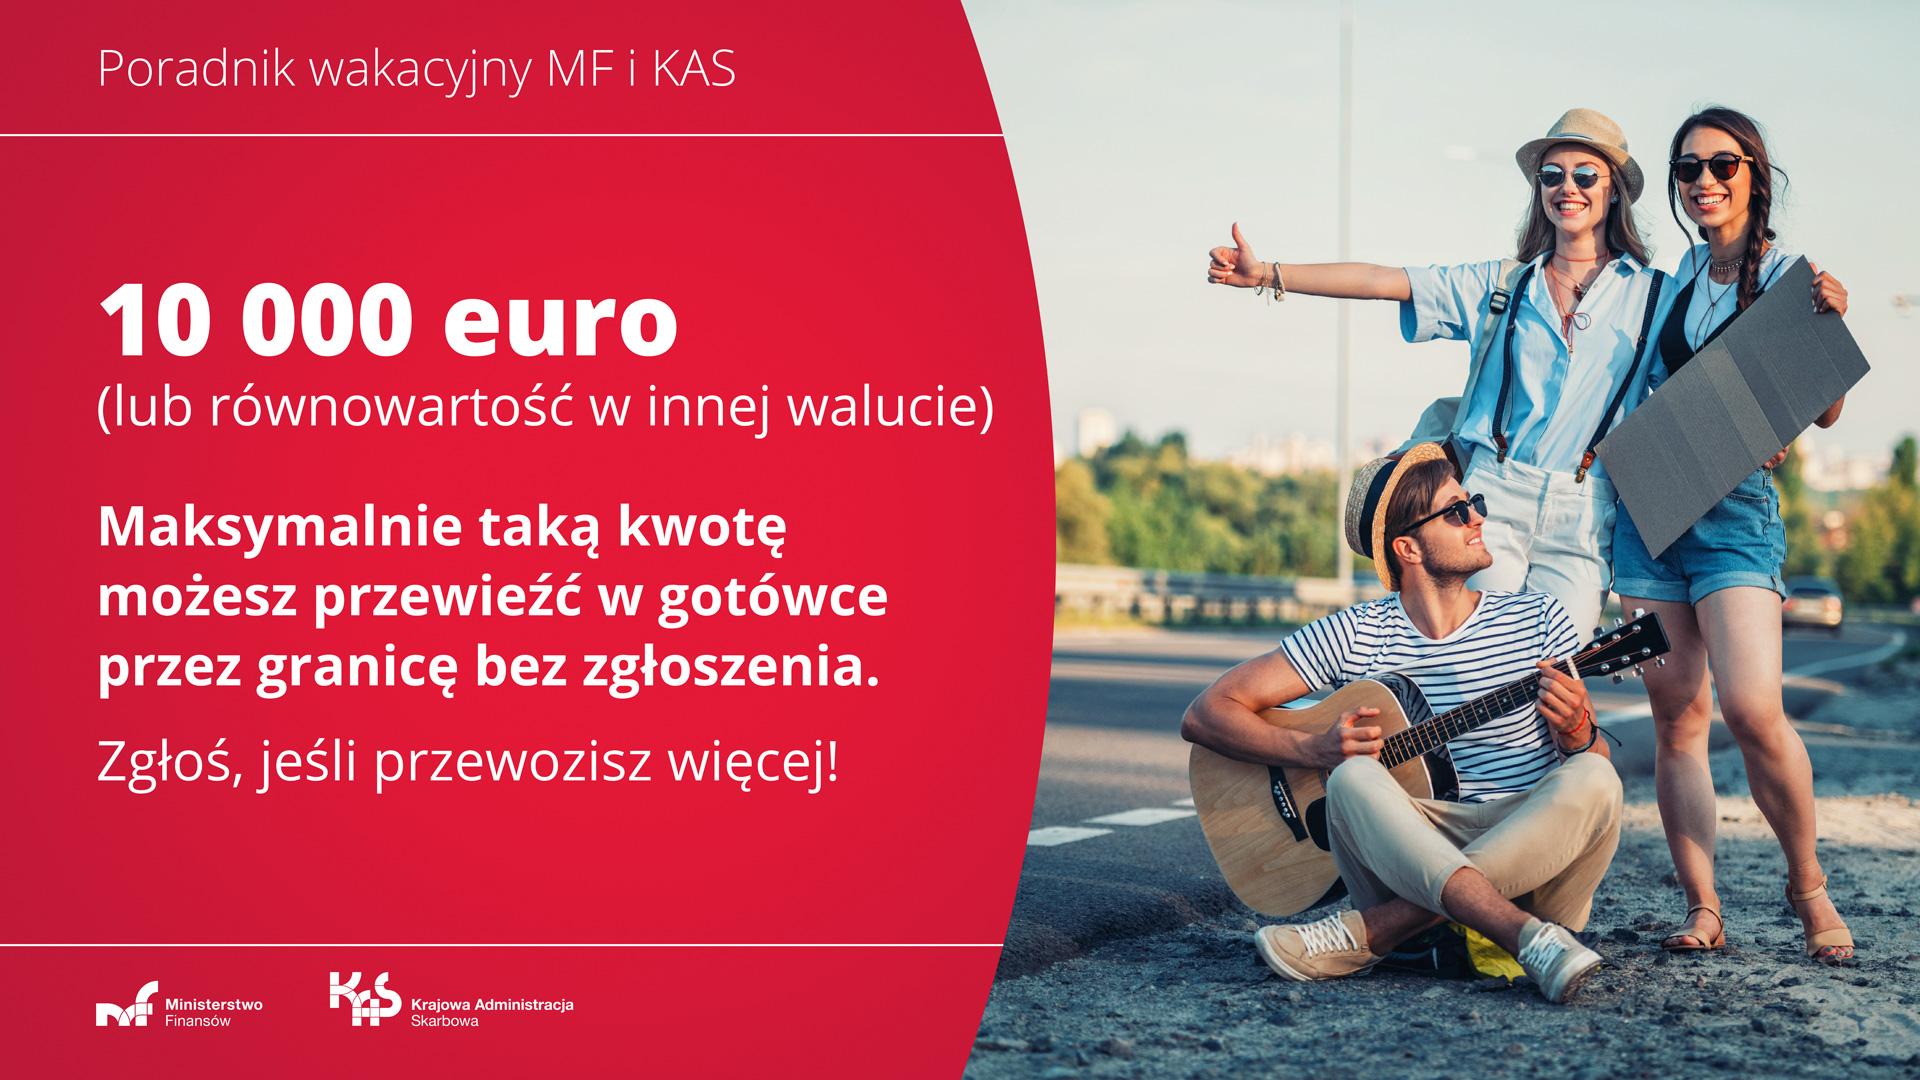 Dwie dziewczyny i chłopak z gitarą. Napis: 10 tys. euro (lub równowartość w innej walucie). Maksymalnie taką kwotę możesz przewieźć w gotówce przez granicę bez zgłoszenia. Zgłoś, jeśli przewozisz więcej!